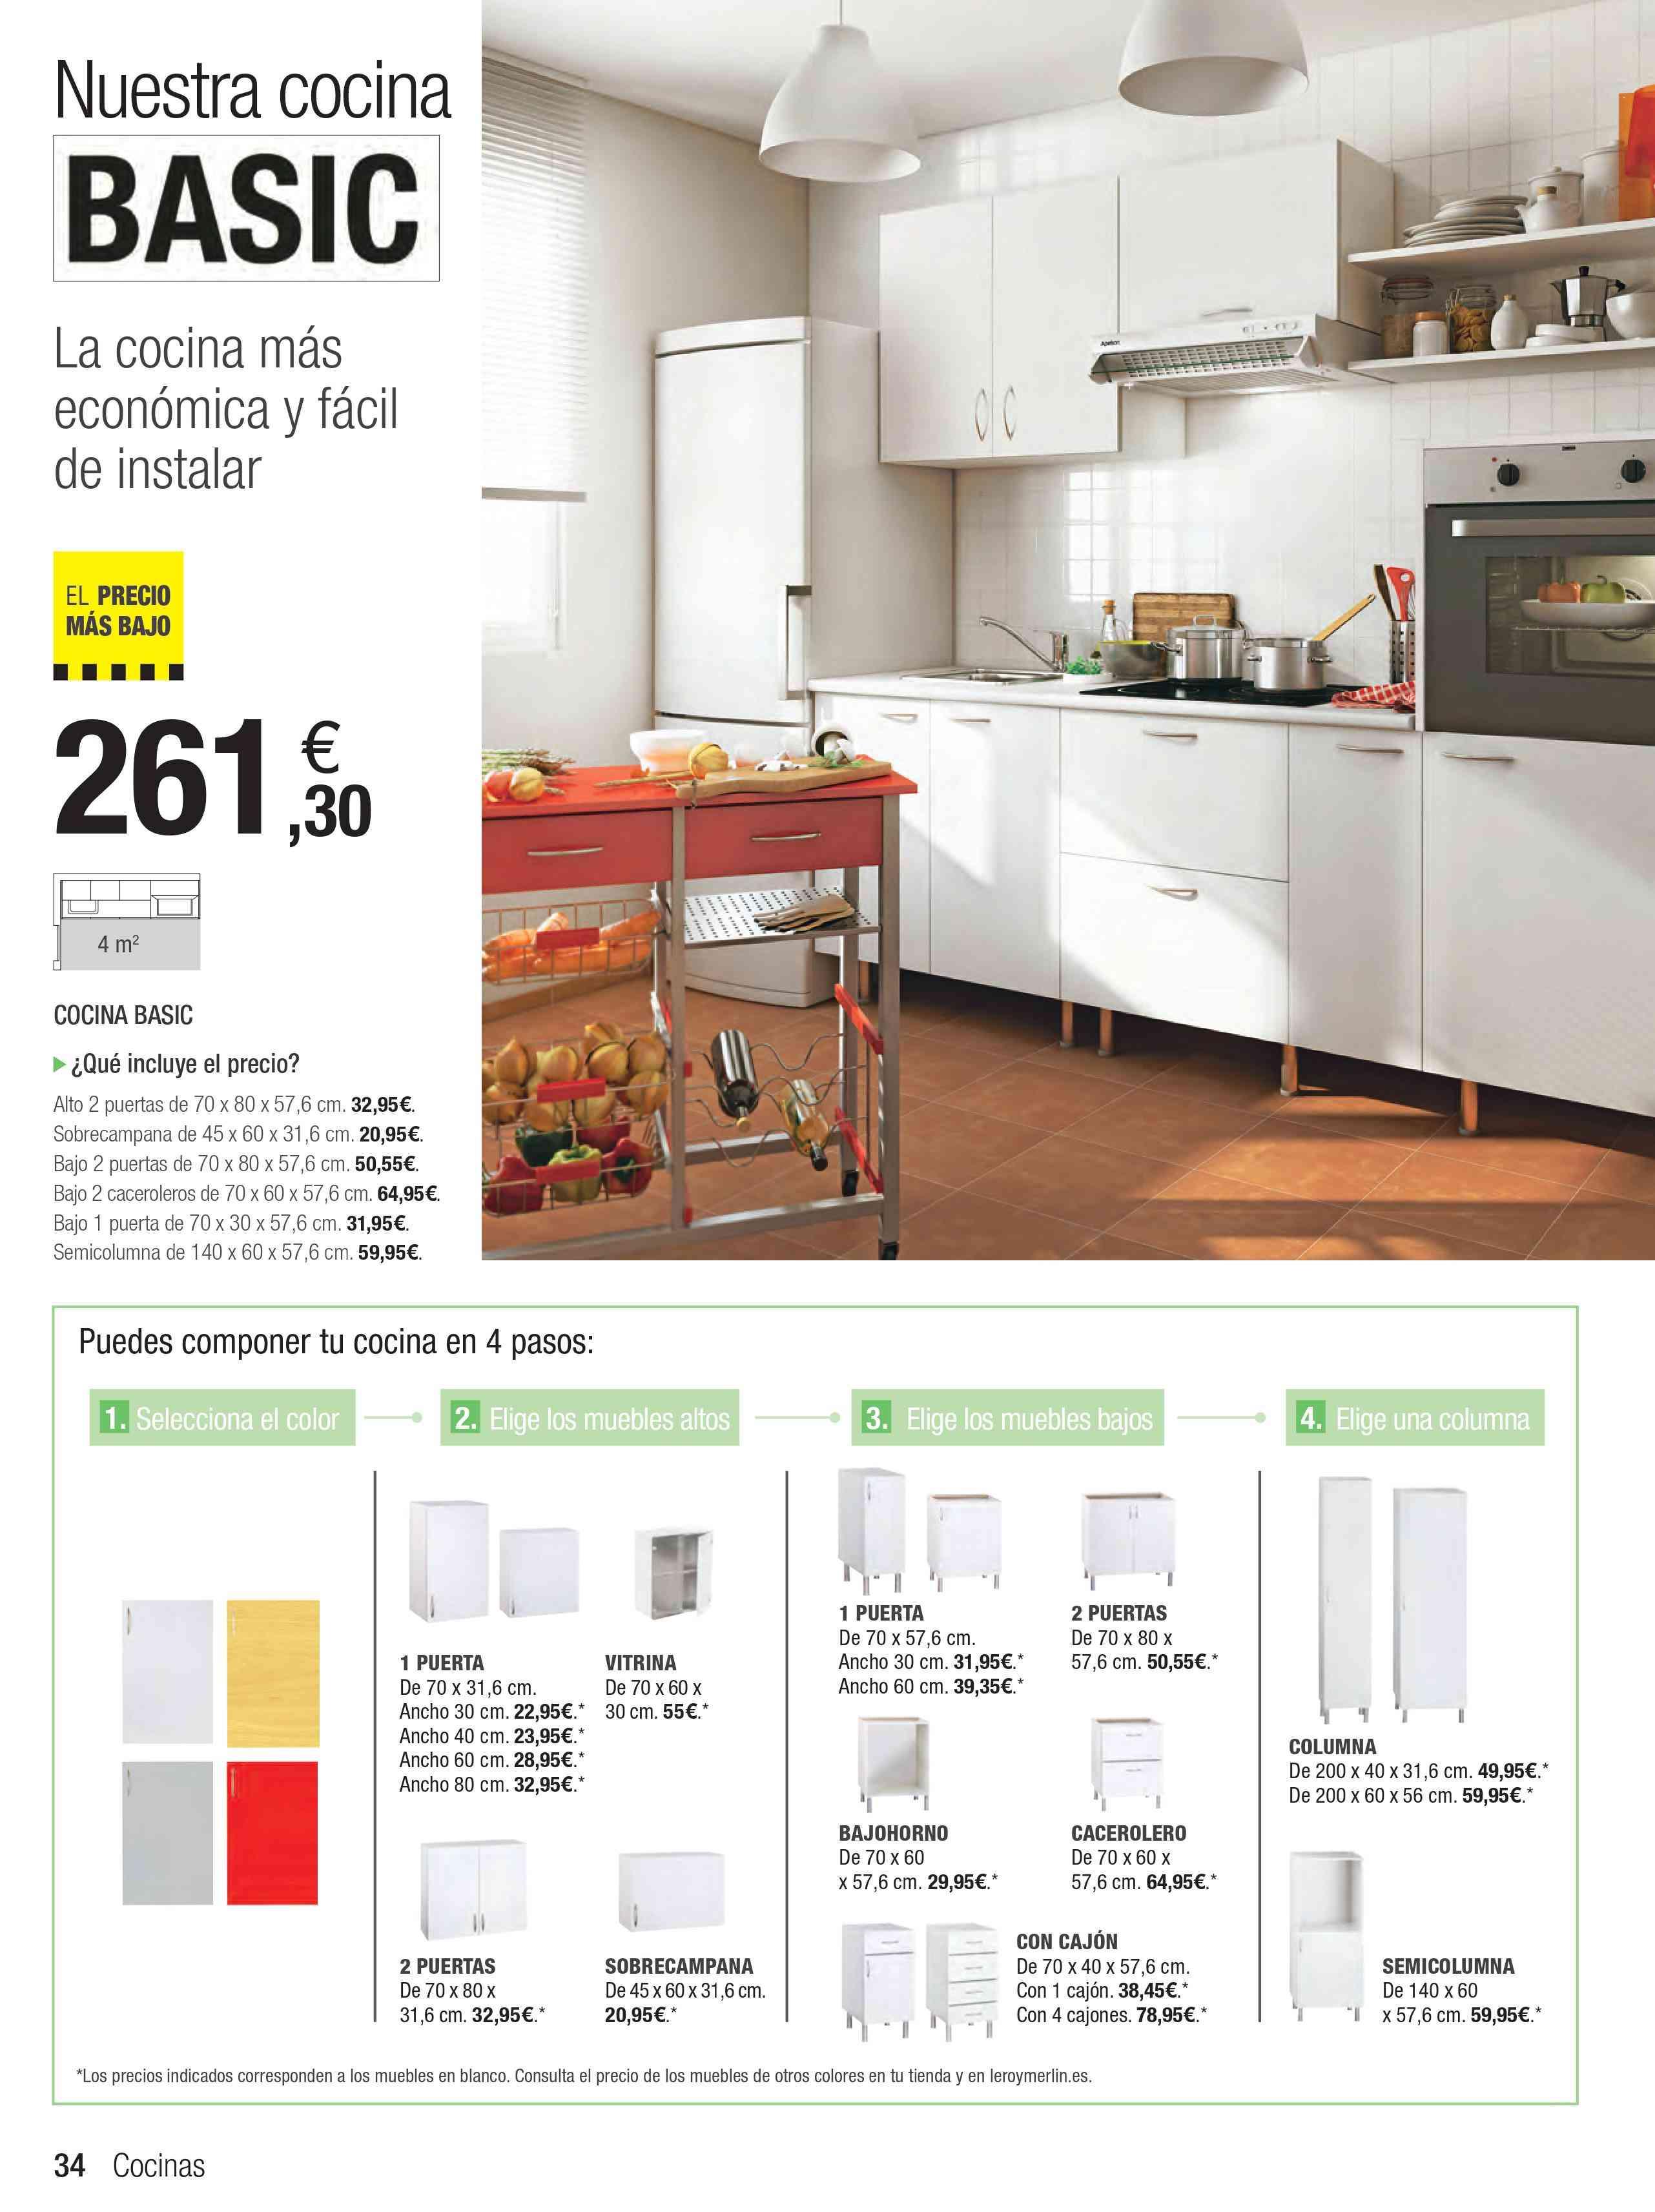 Genial azulejos cocina leroy merlin fotos azulejos banos - Papel vinilico para cocinas leroy merlin ...